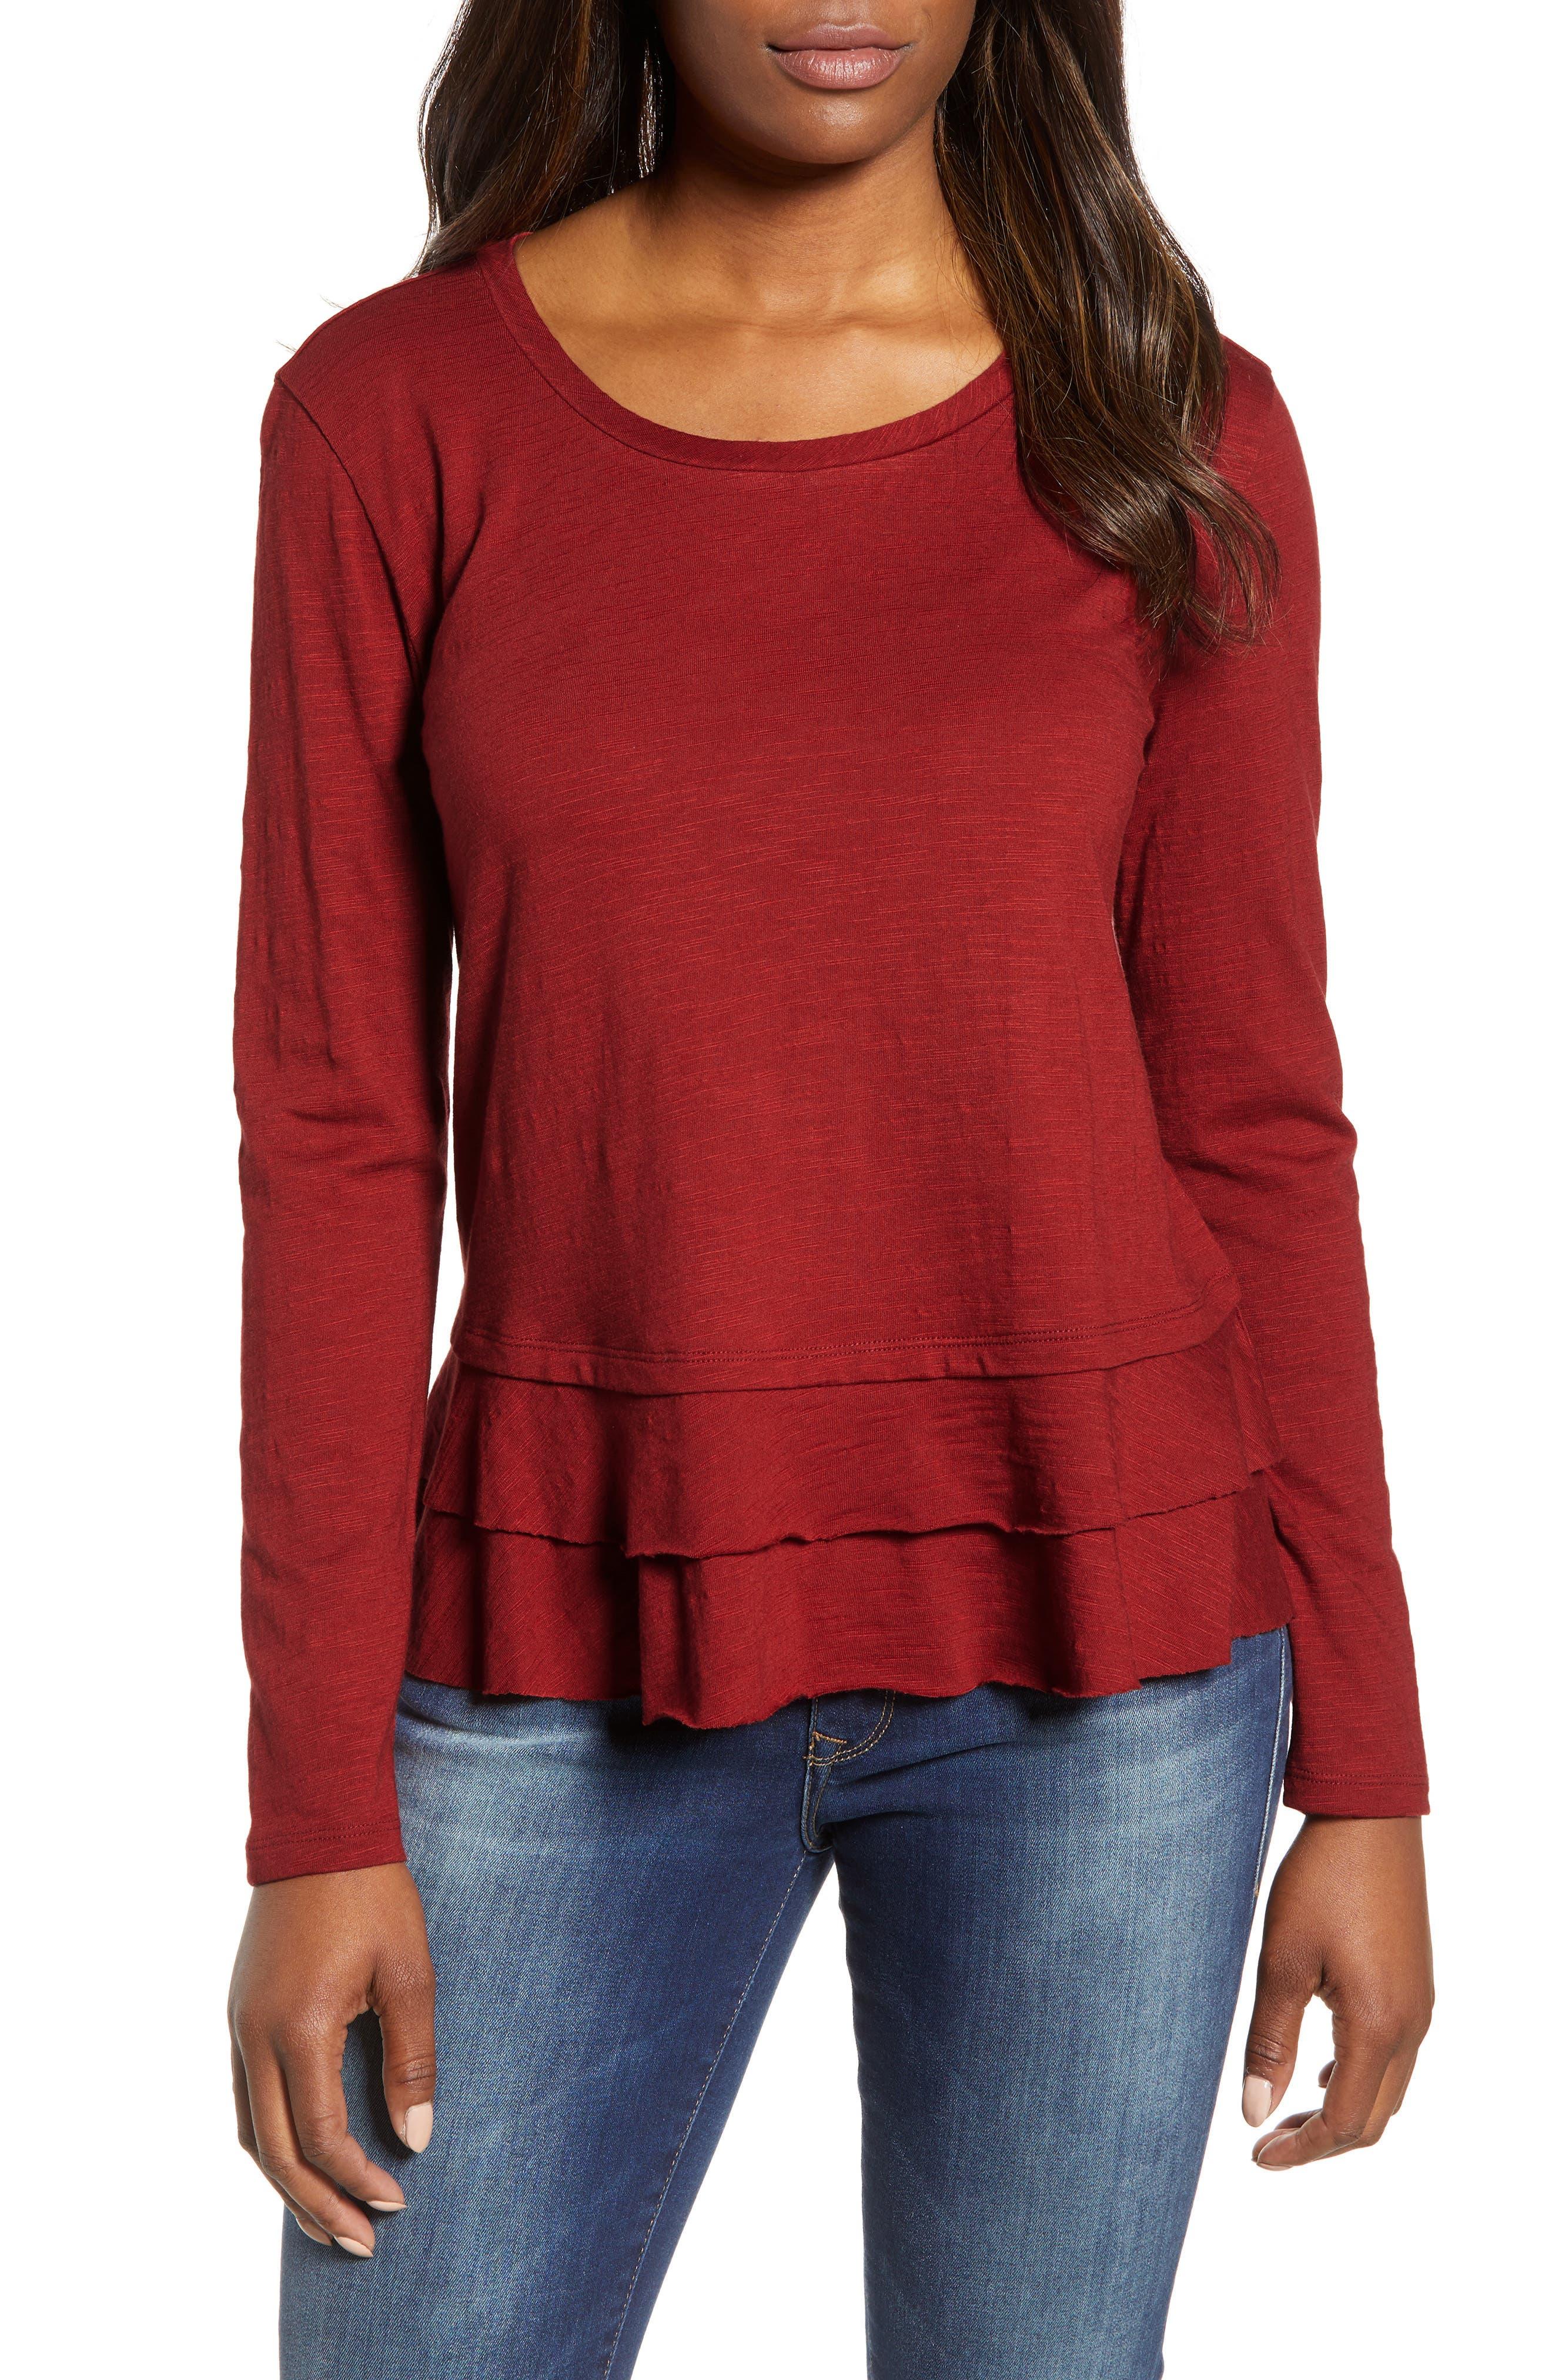 3d54a87ff36693 Women's Basic Scoop Neck Workout Crop Top T Shirt Lightweight Short Cami  Crop Tight Fit Tee